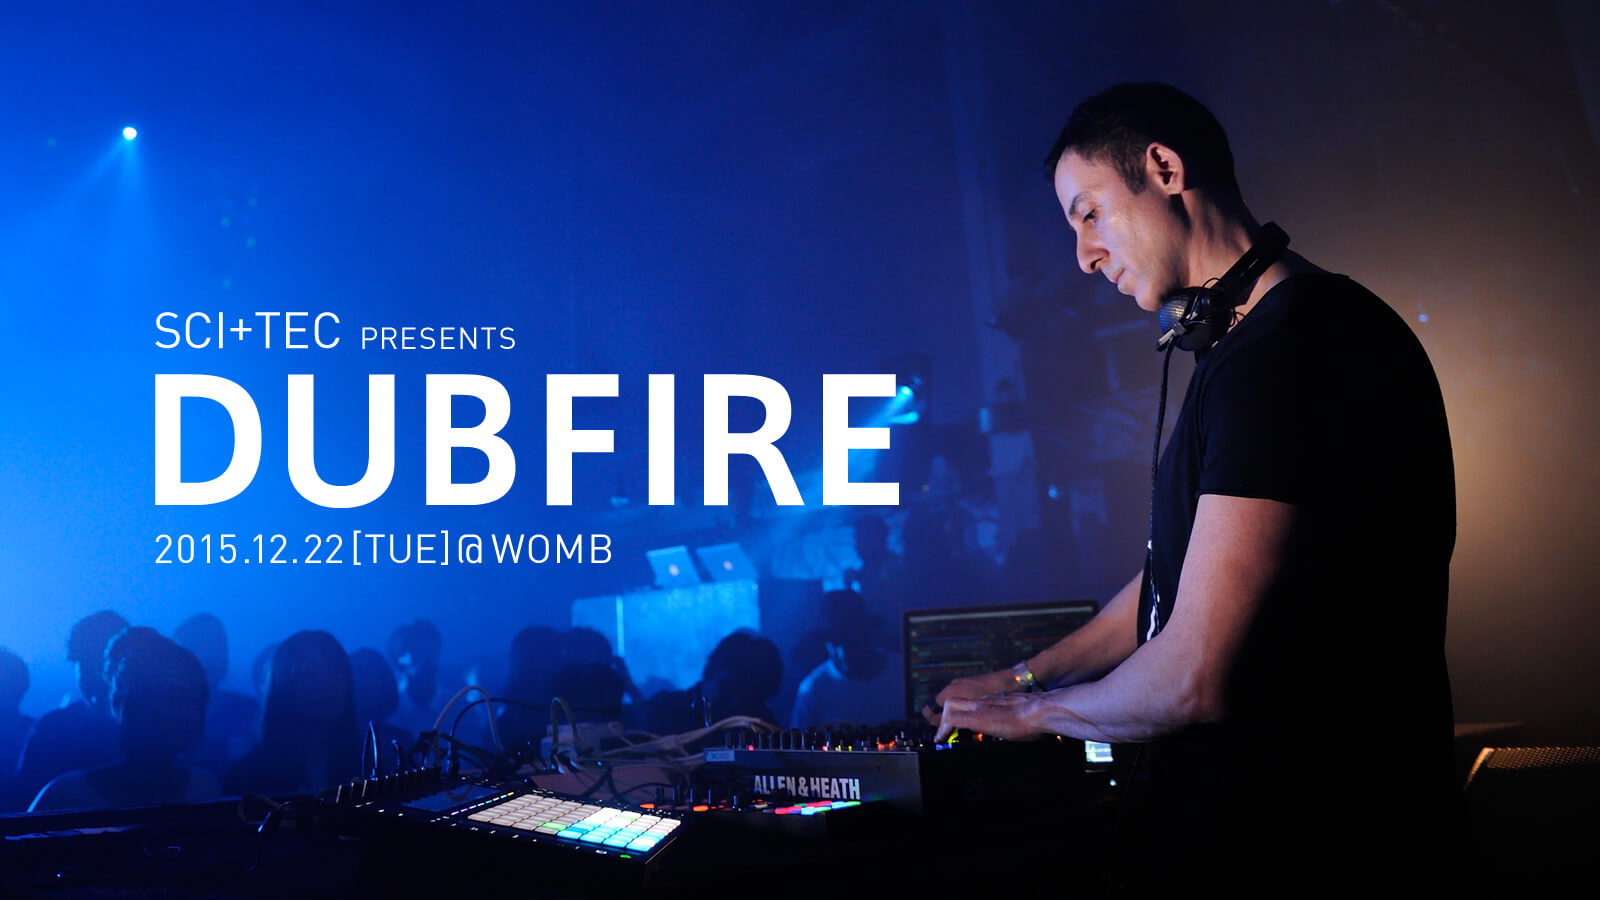 SCI+TEC presents DUBFIRE